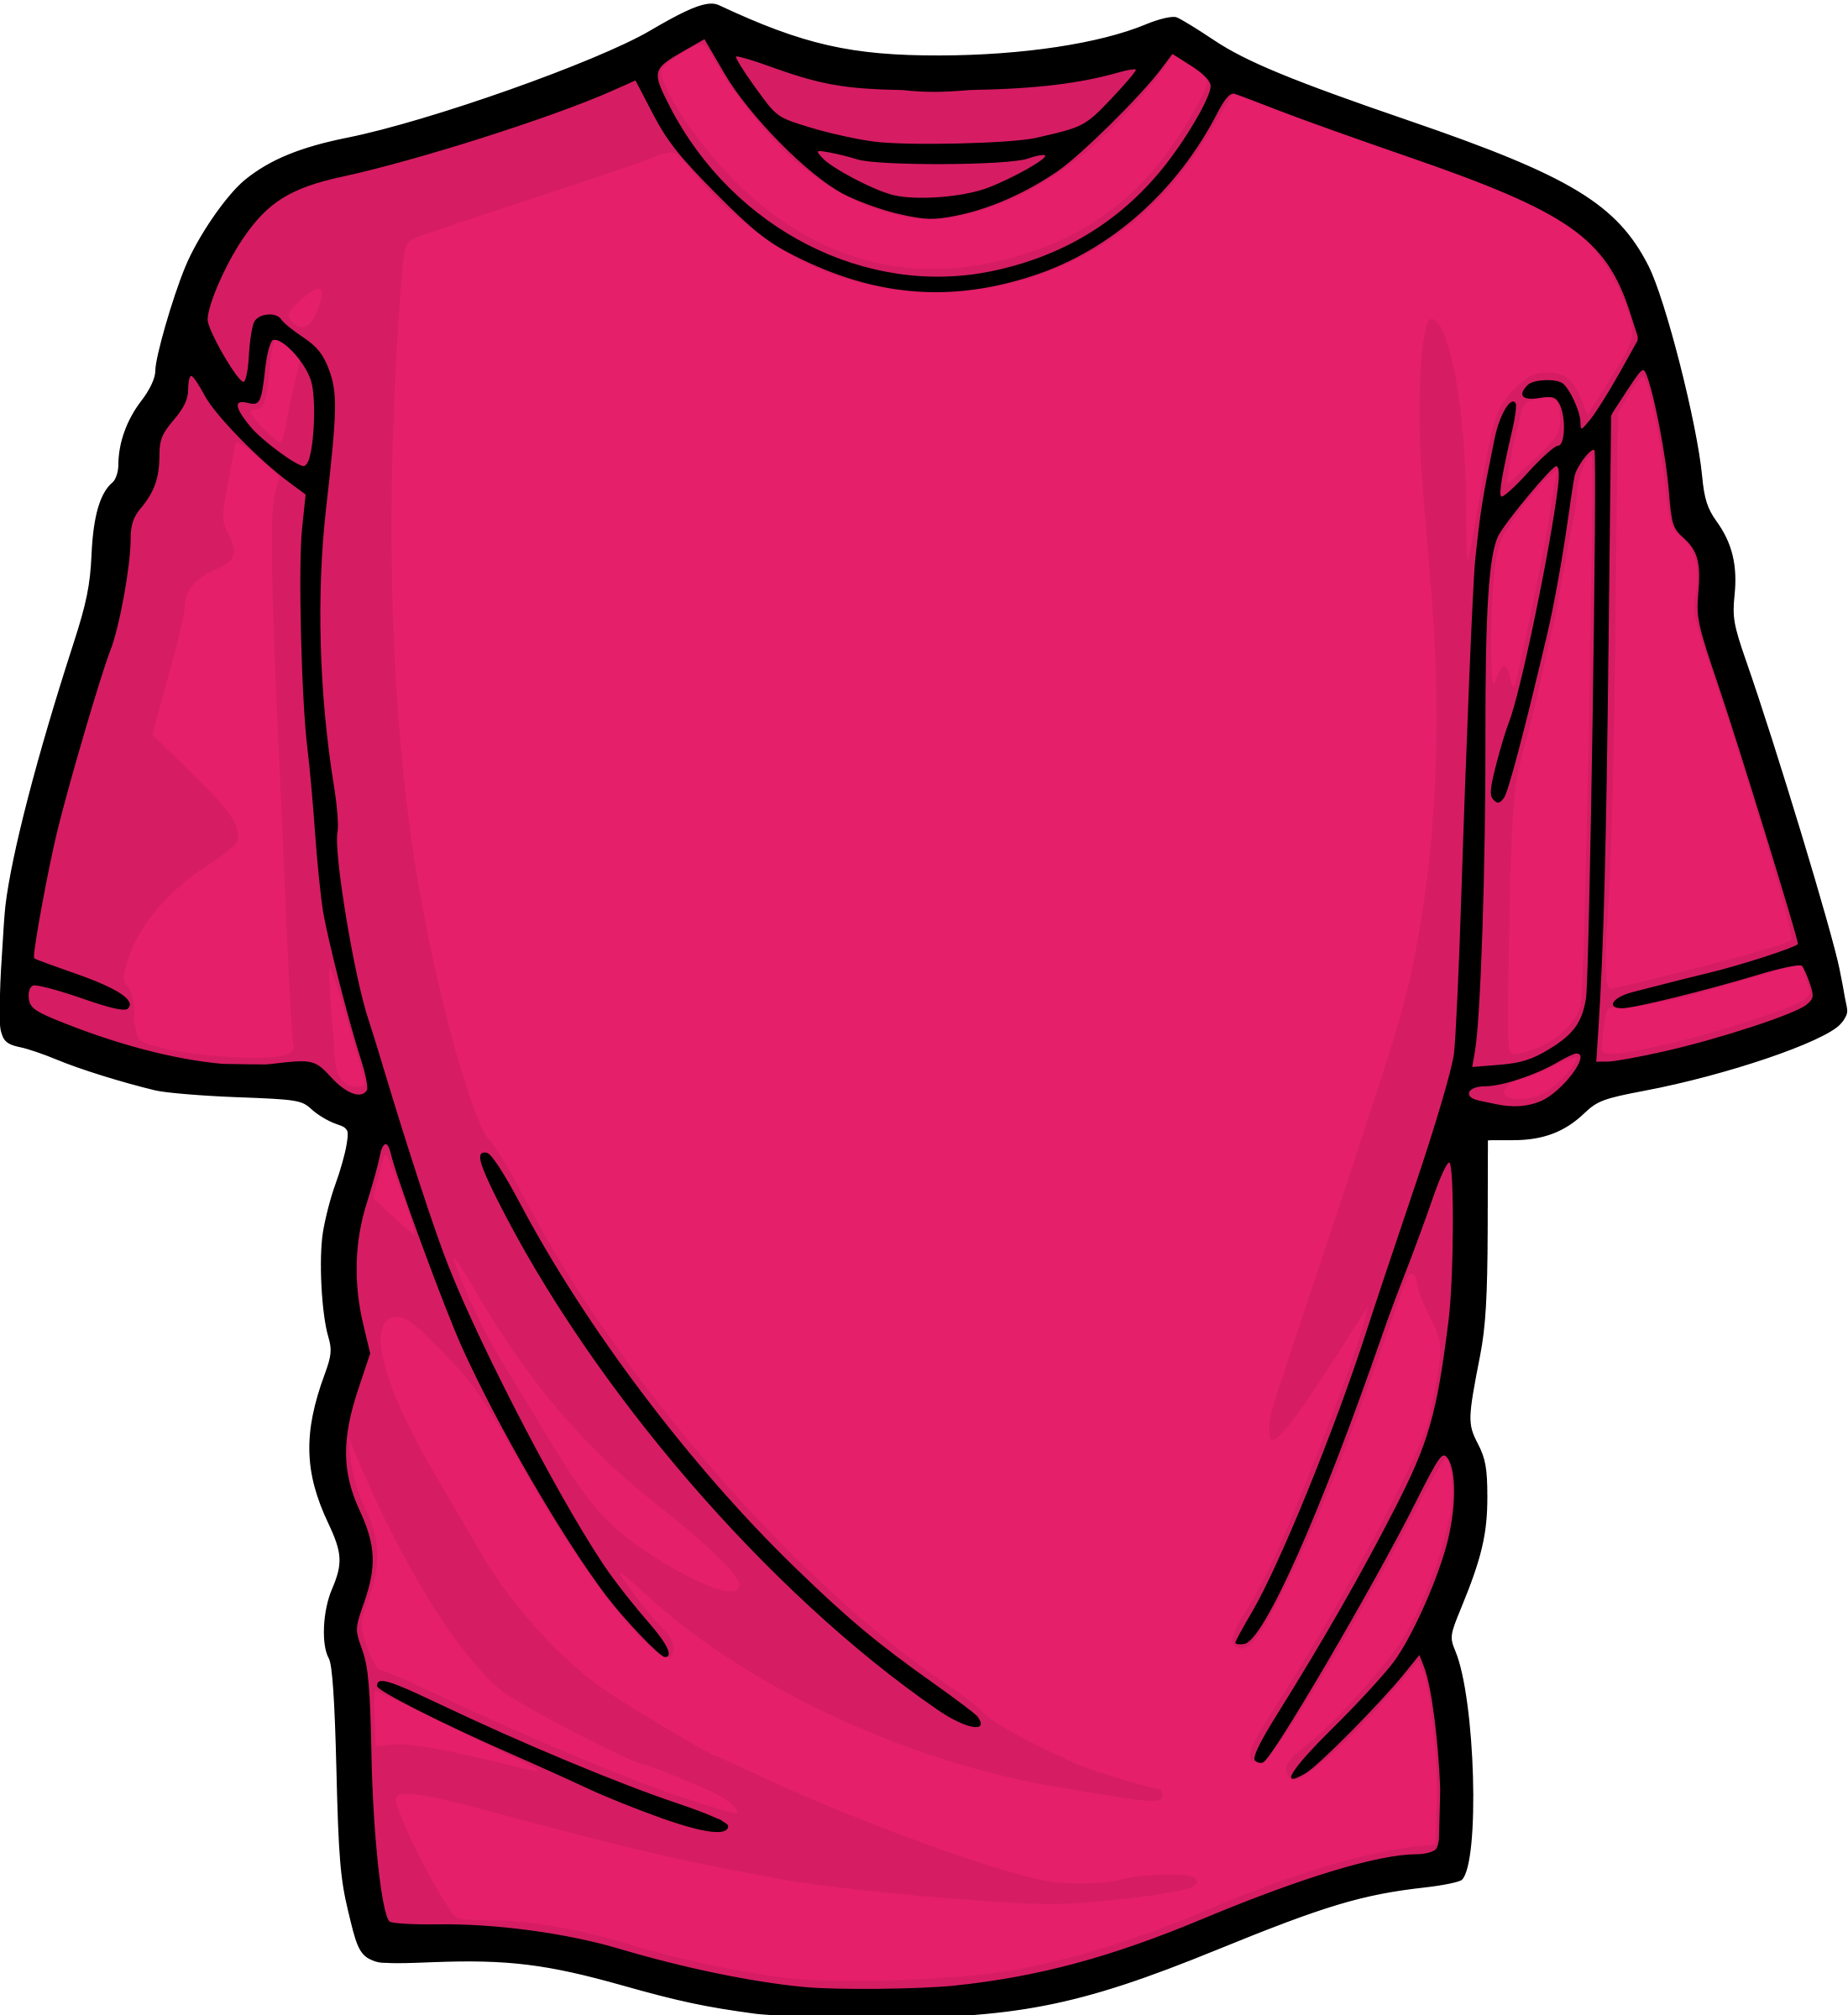 Shirt clipart #13